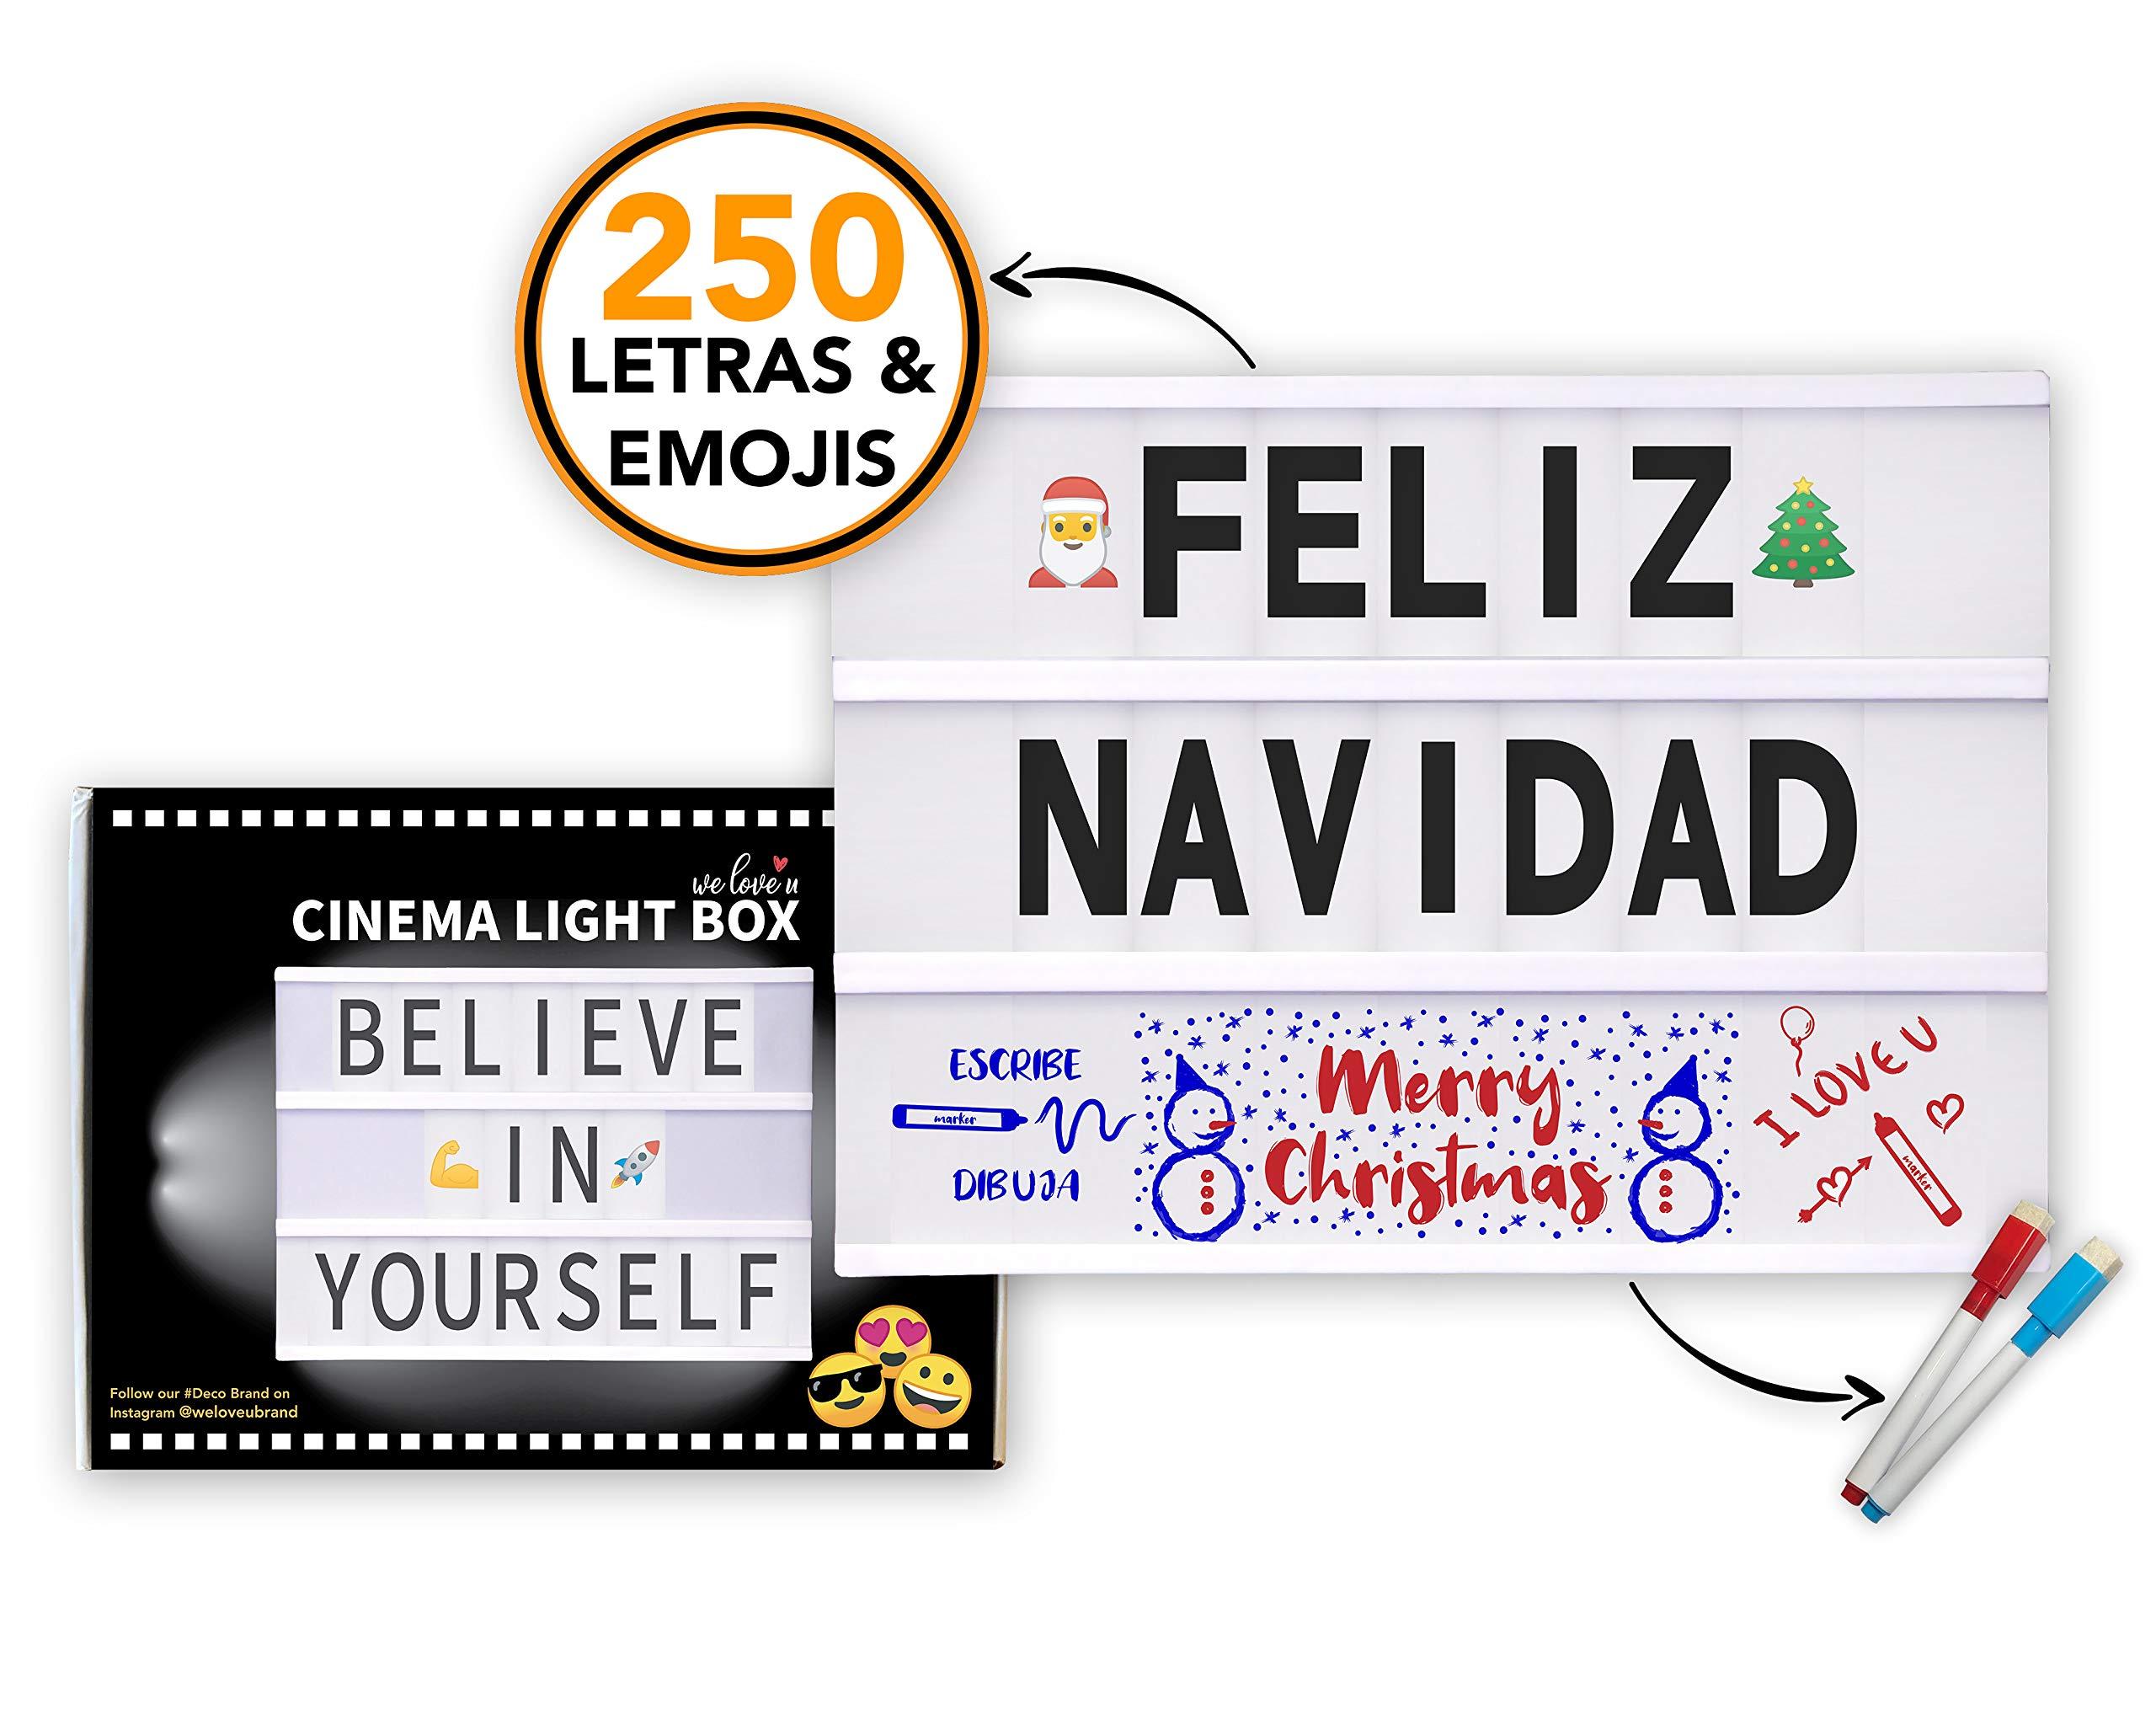 Caja de Luz LED A4 con 250 Letras Símbolos Emojis, 2 Marcadores Borrables y 20 Tarjetas Extras, Cable USB | LetrasÑ ÇÄ Ö Üß| Cinema Light Box Decoración Vintage| Casa, Navidad, Boda, Fiesta